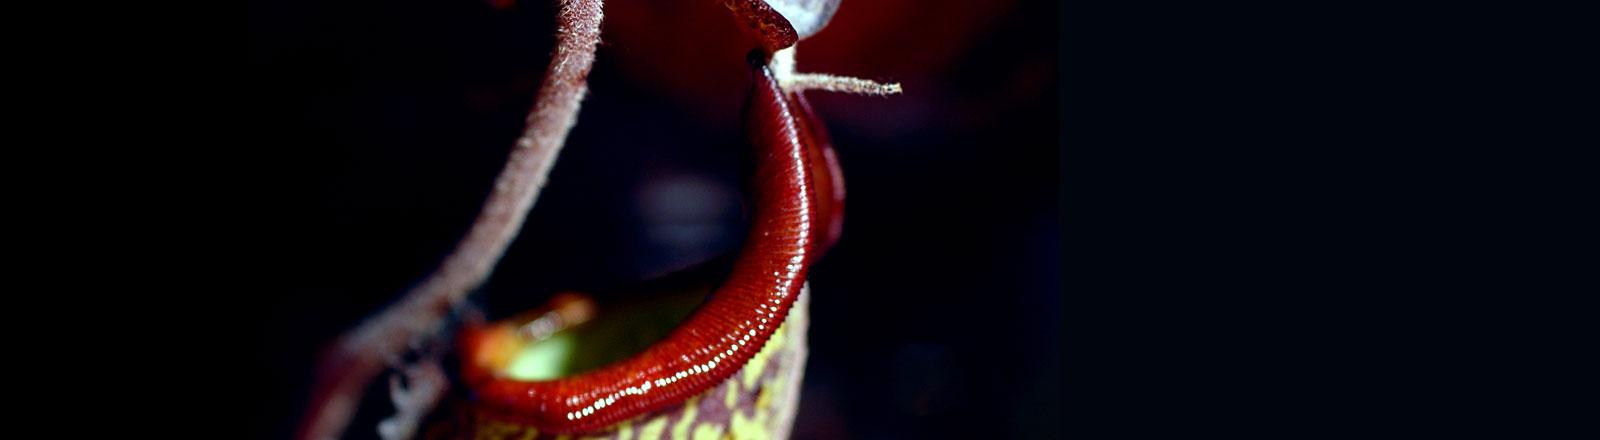 Die Trichteröffnung der Kannenpflanze